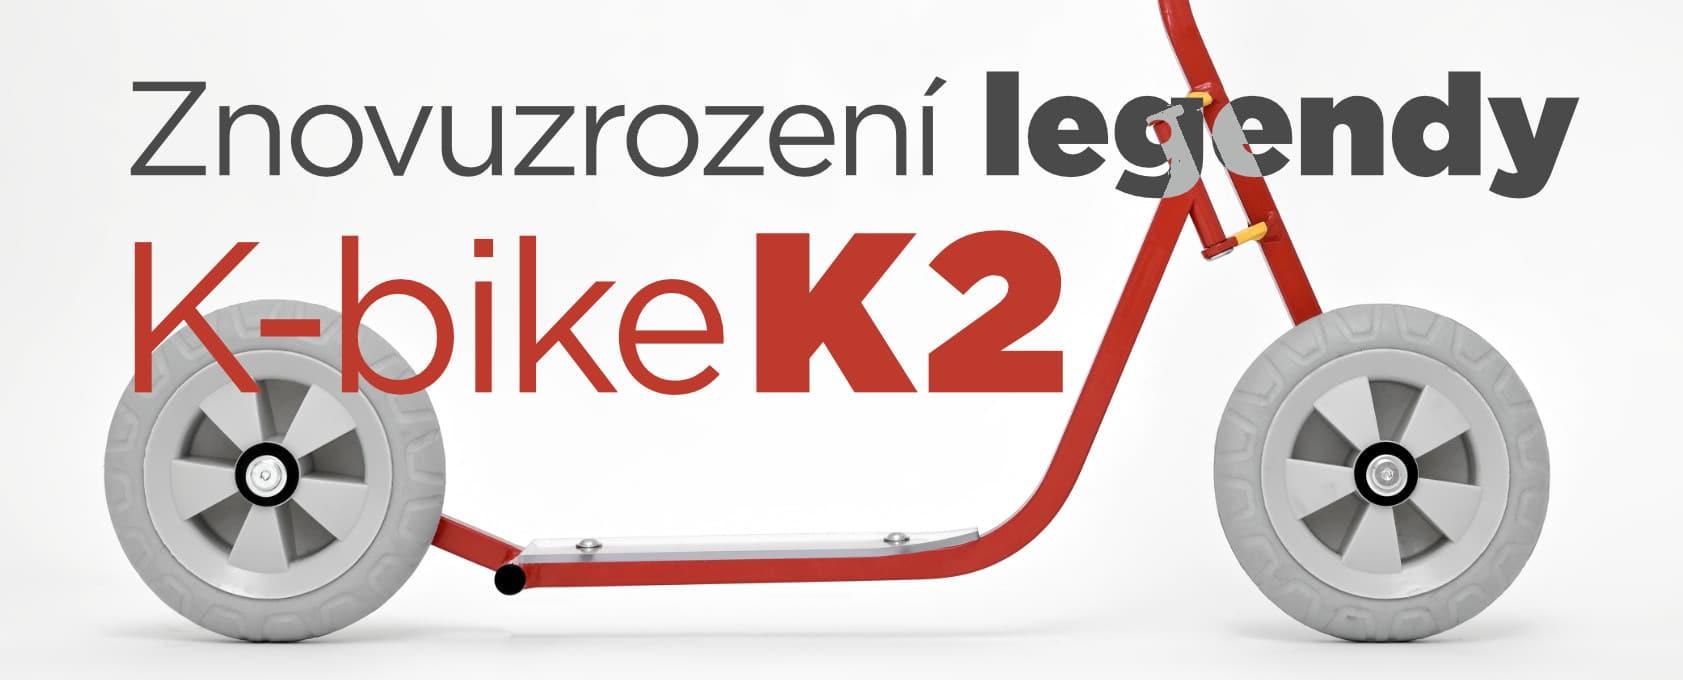 Dětská koloběžka K-bike K2 –test